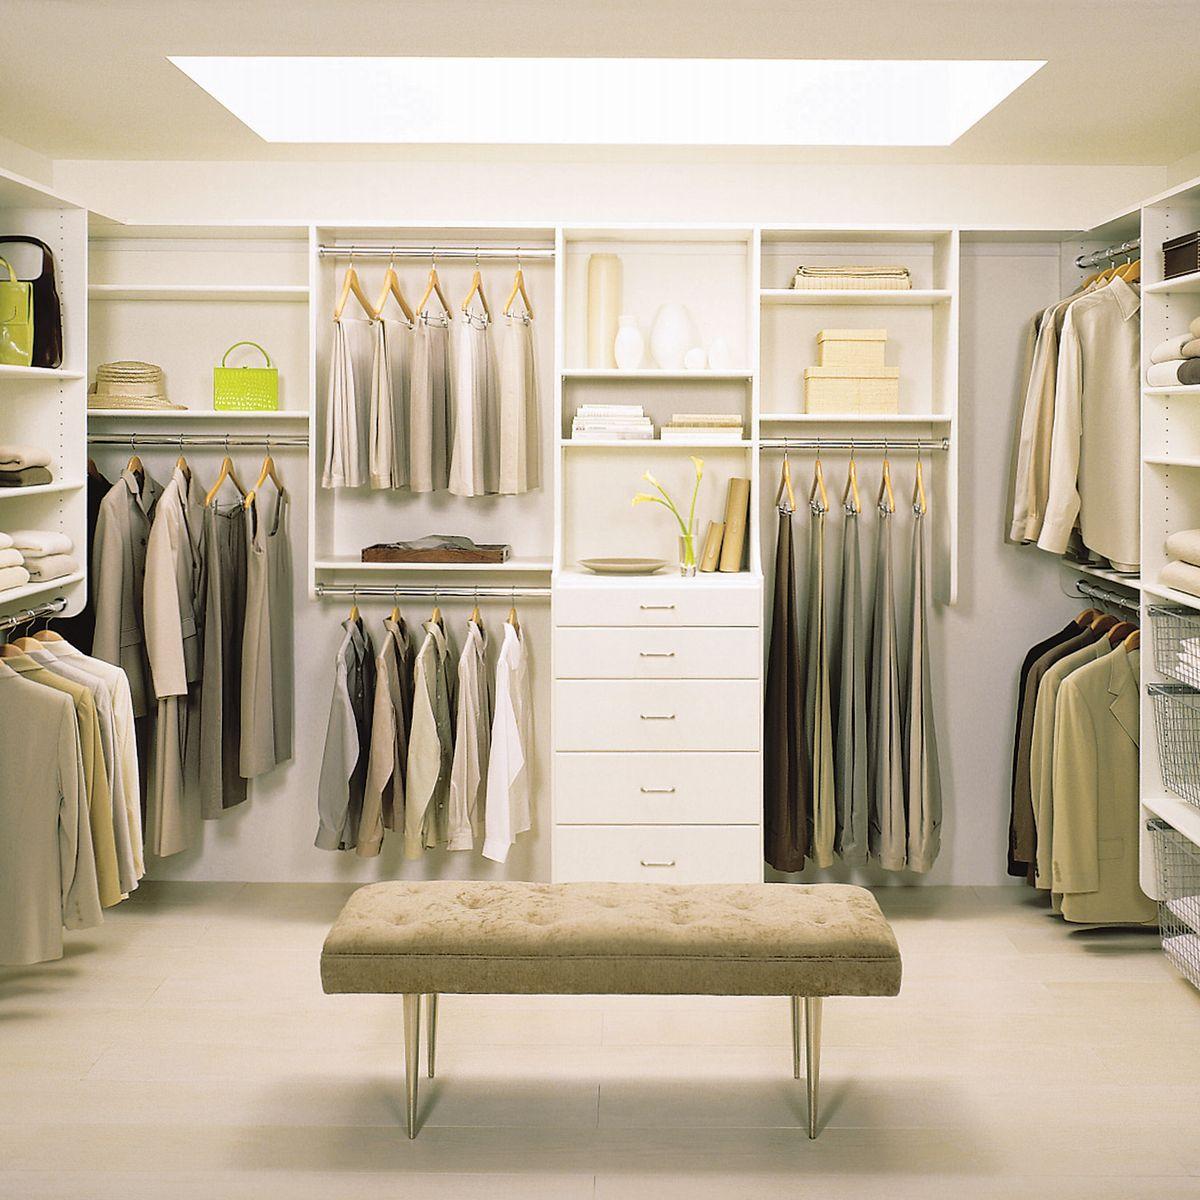 7 أفكار ممتازة لخزانة ملابس منظمة دائمًا   مجلة ديكورات   عالم من